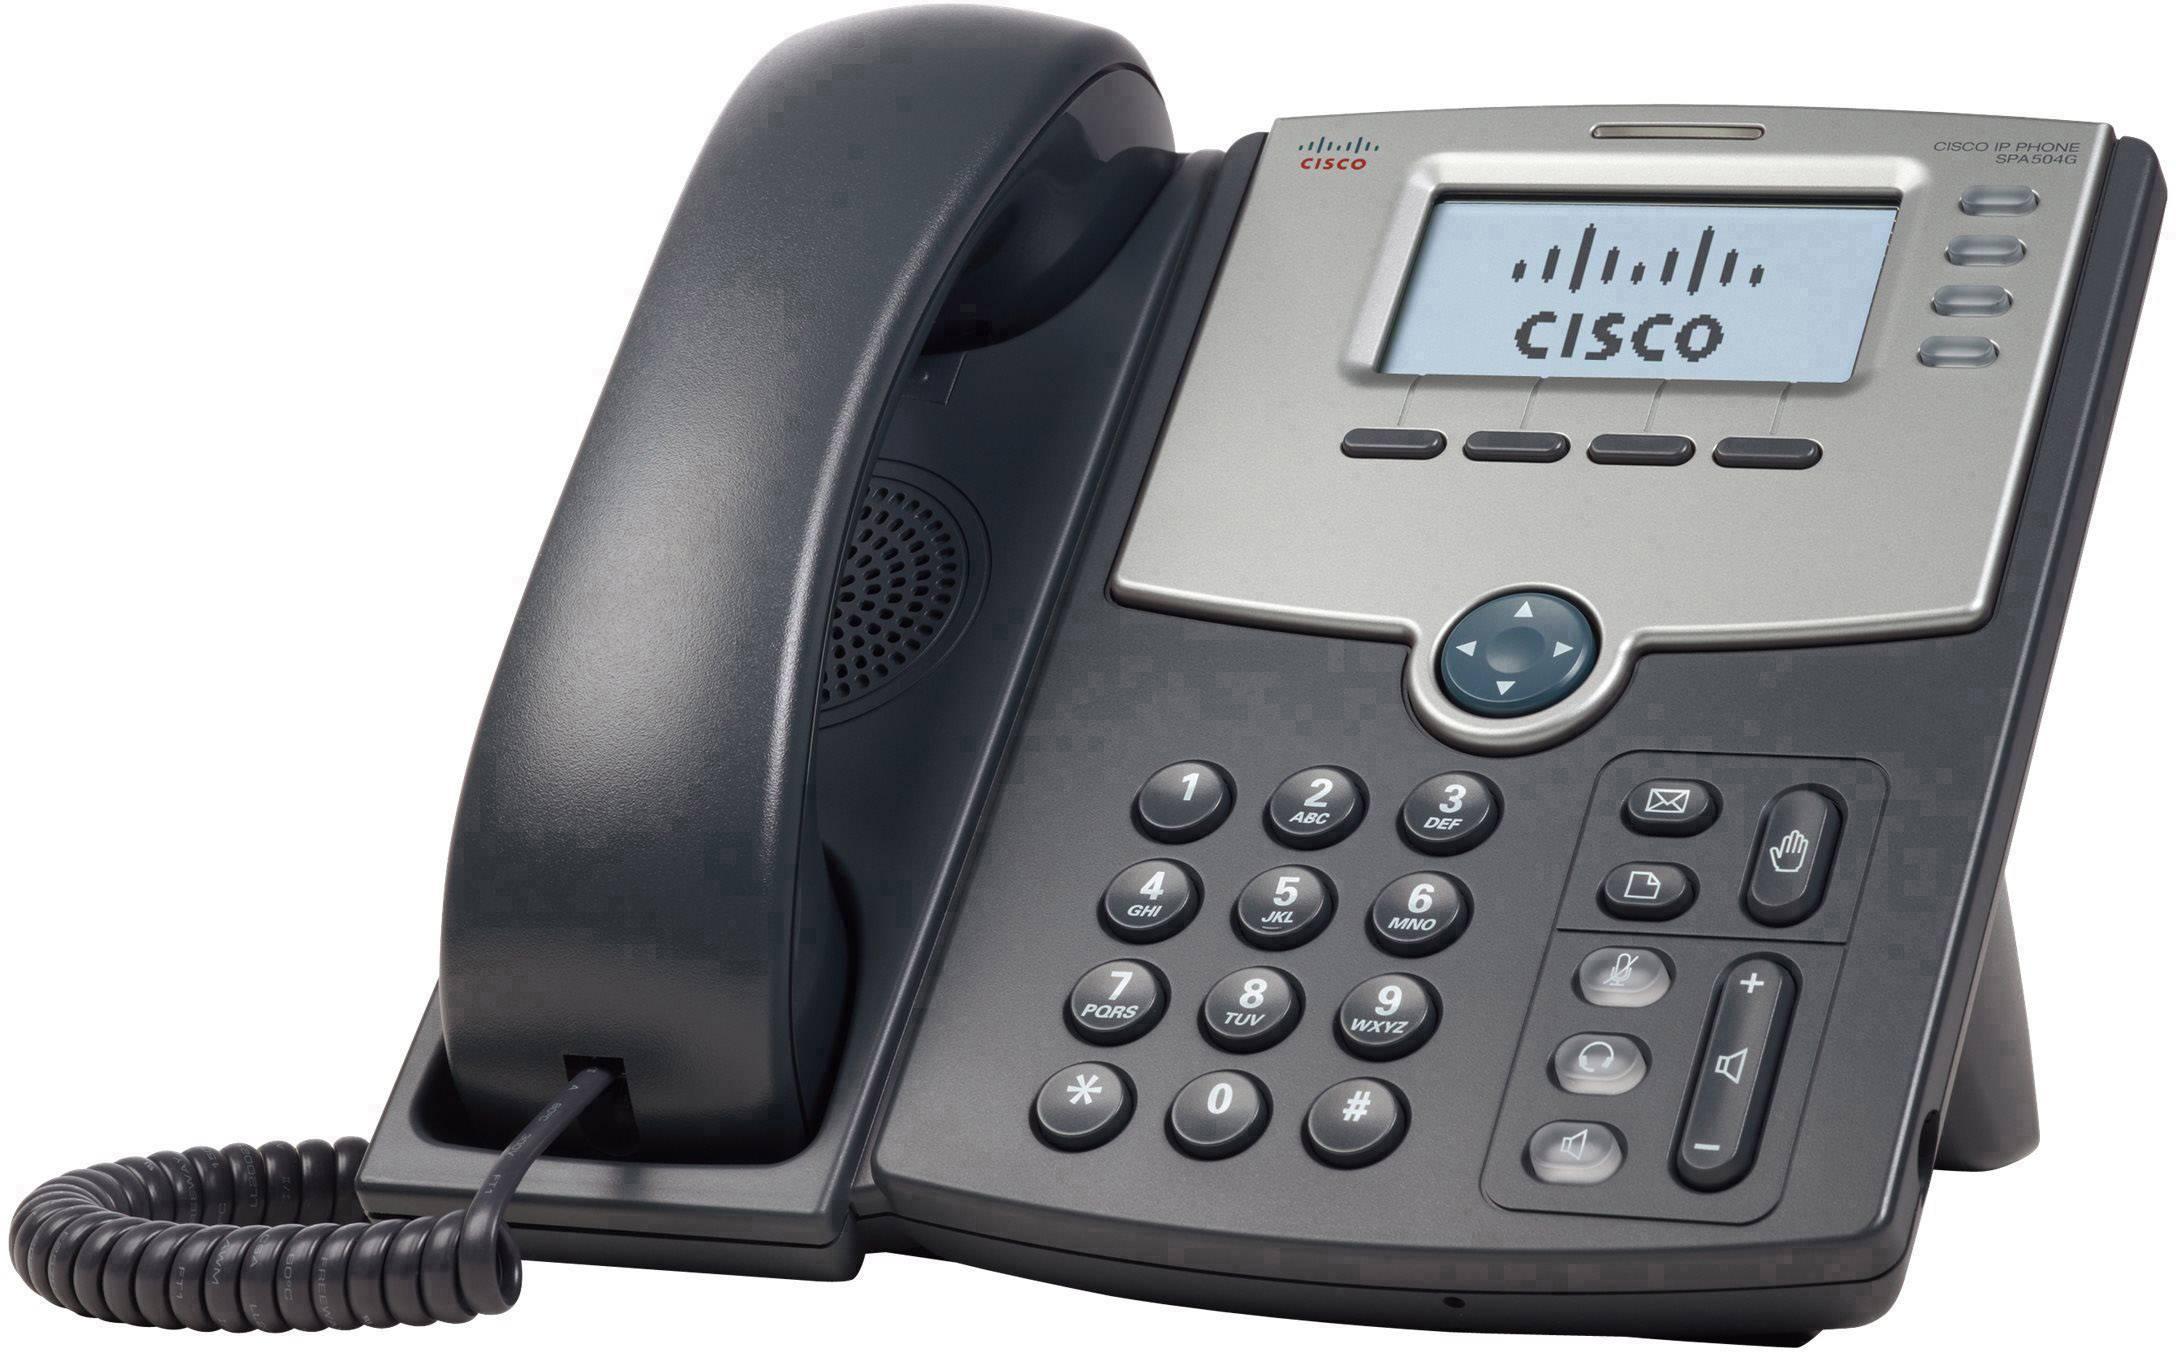 Systémový telefon, VoIP Cisco Cisco Small Business IP Phone SPA504G, V LCD displej stříbrná, tmavě šedá